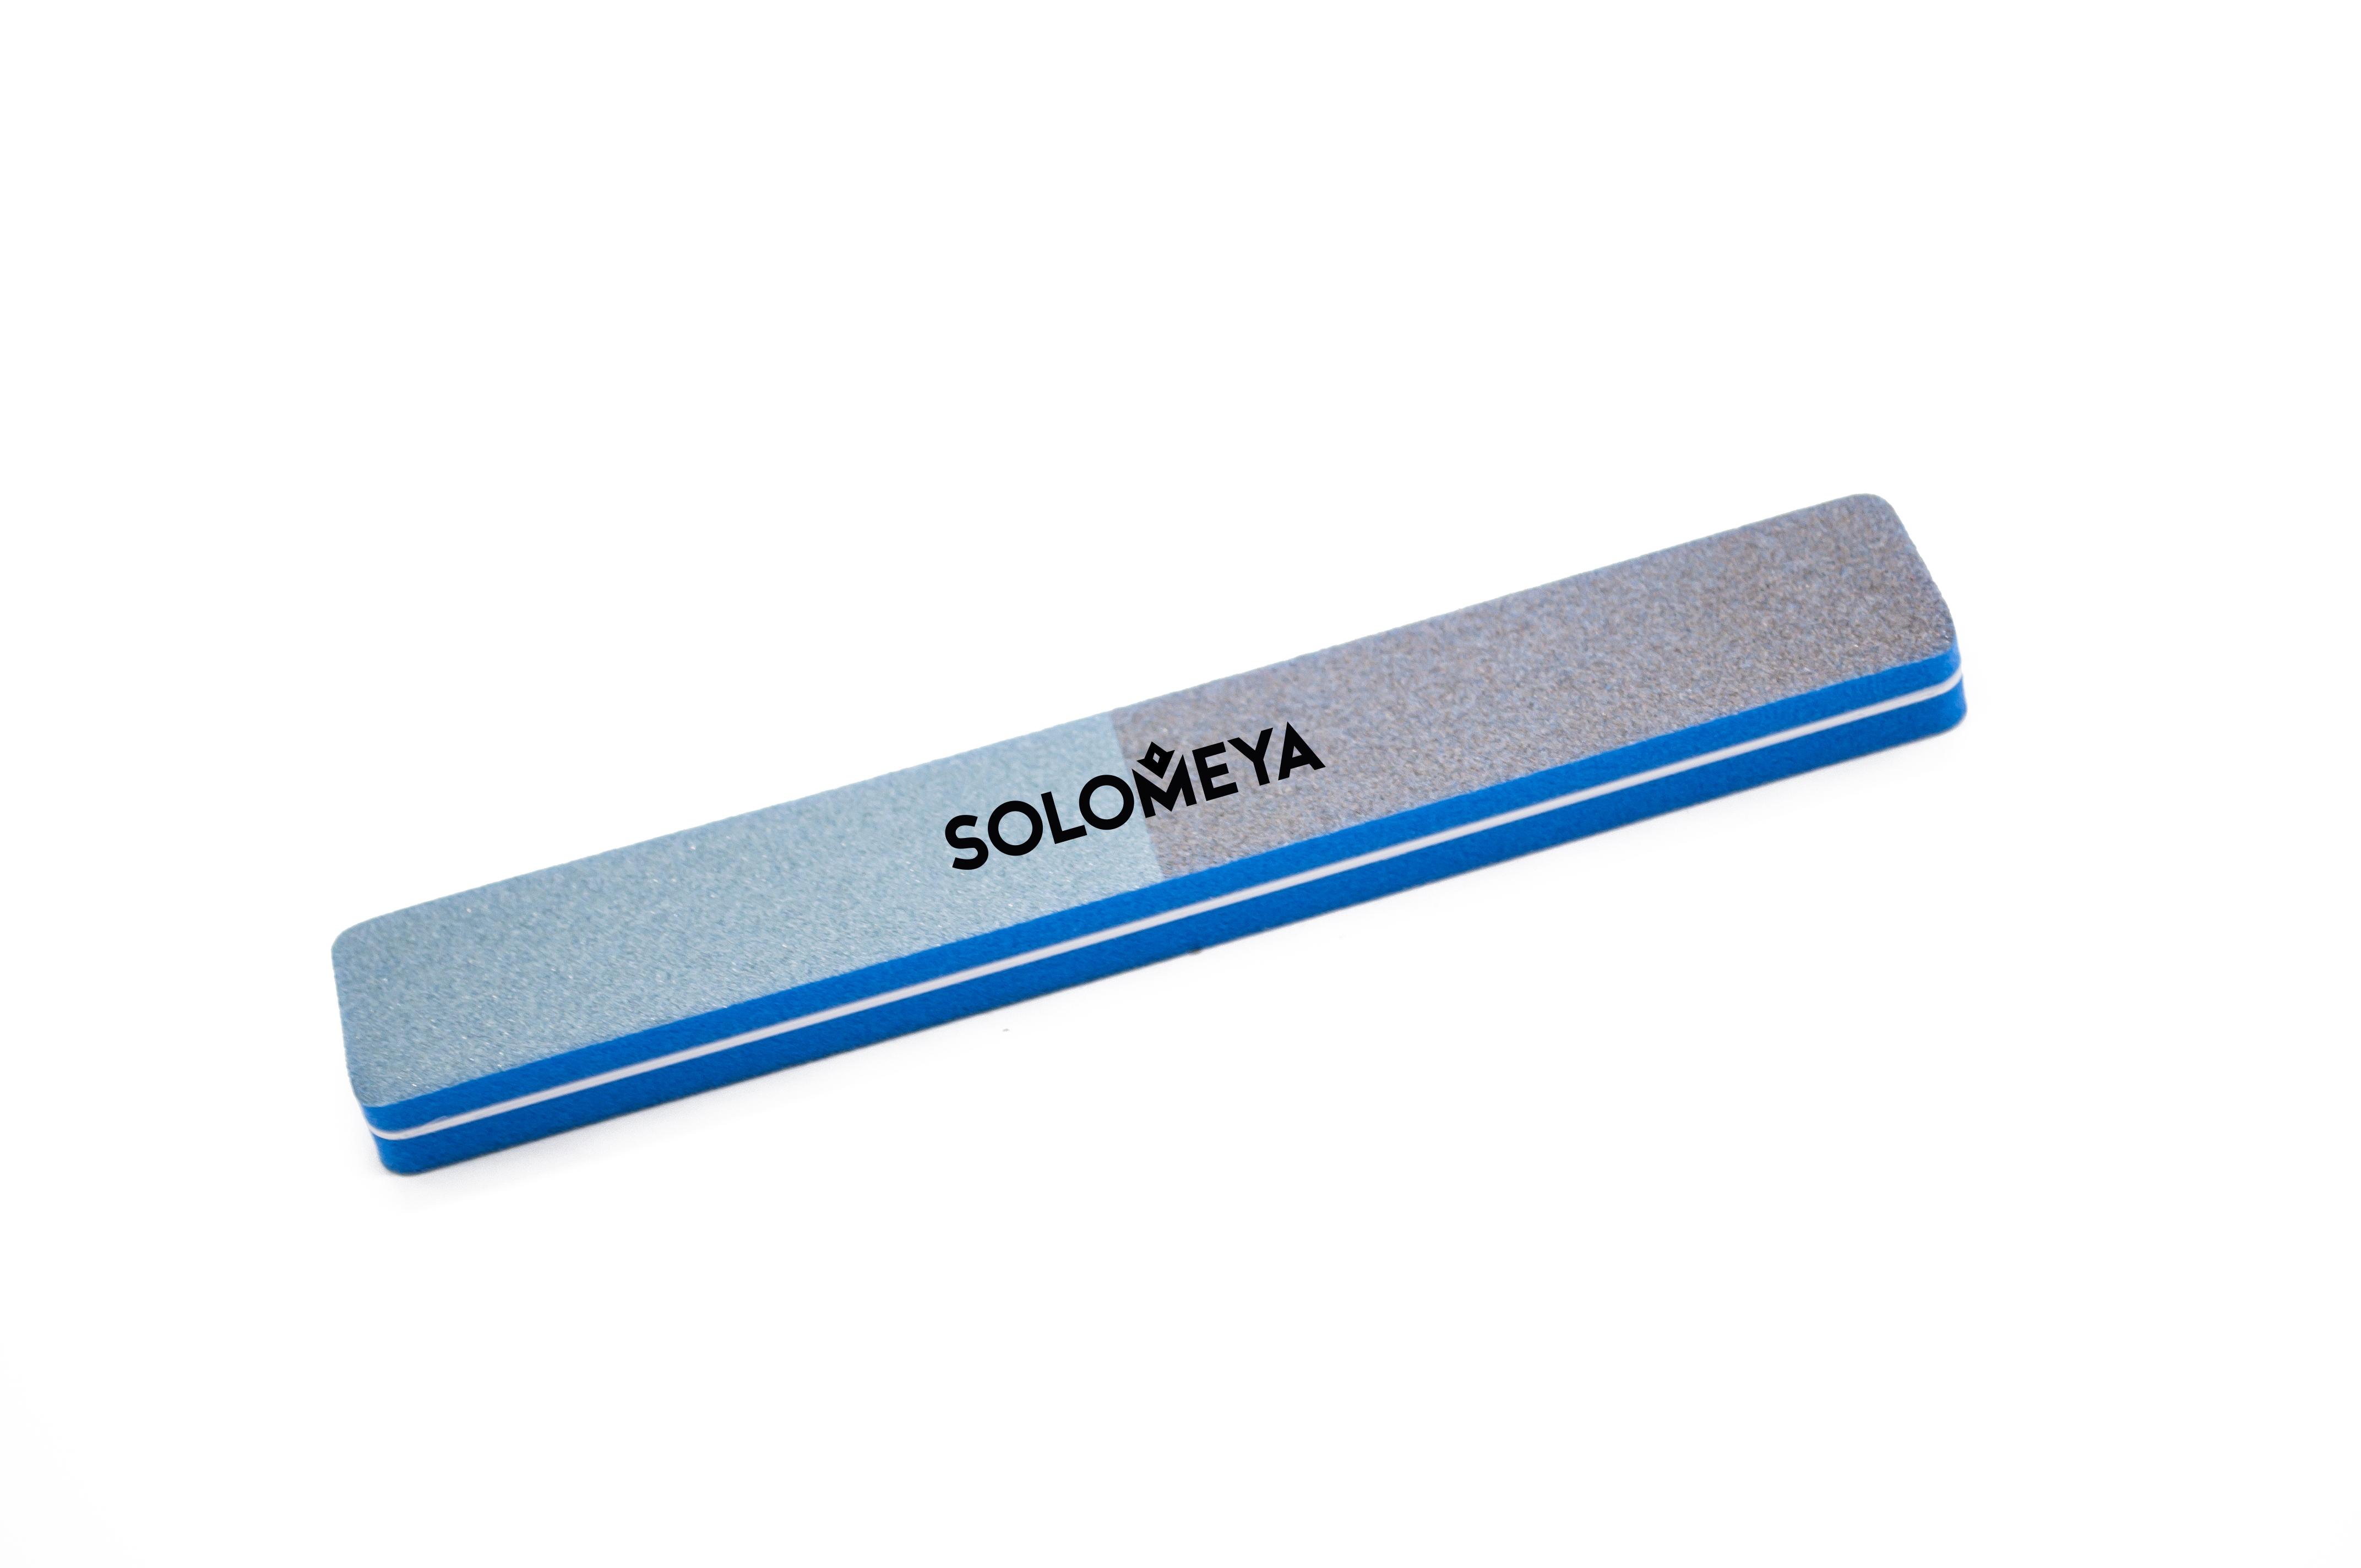 SOLOMEYA Буффер-шлифовщик широкий 4-х сторонний 120/180/280/400 / 4 WAY Sanding Sponge 120/180/280/400